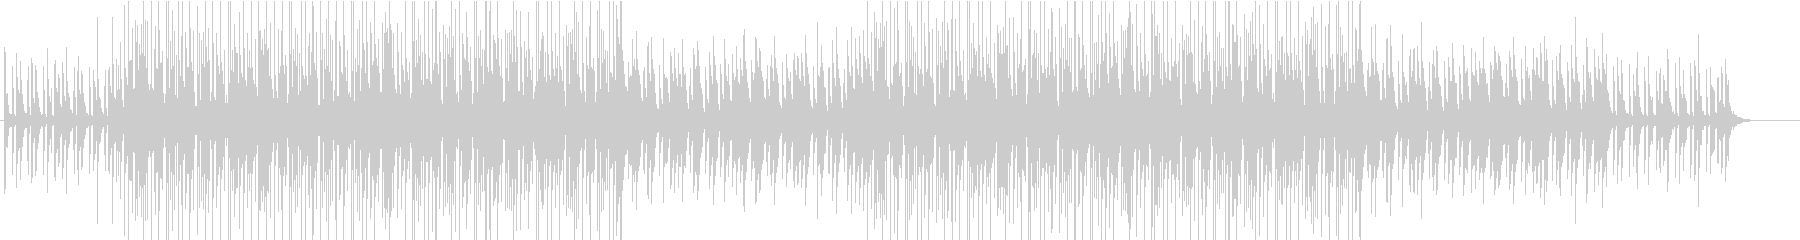 ギターとベースがユニゾンするポップロックの未再生の波形